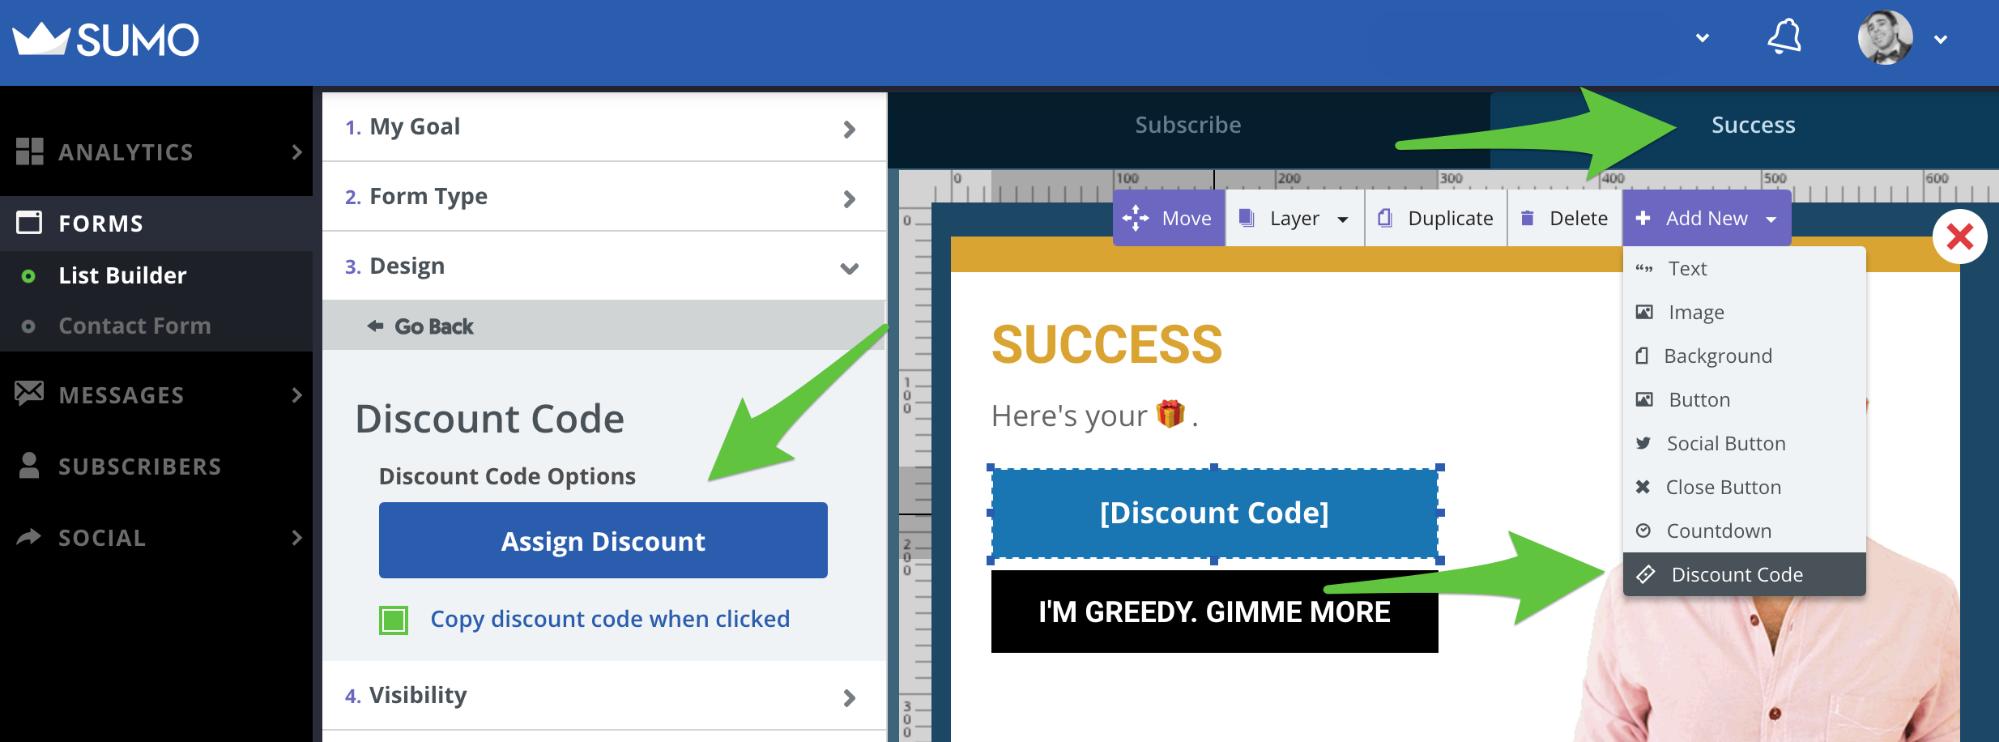 Screenshot showing Sumo settings